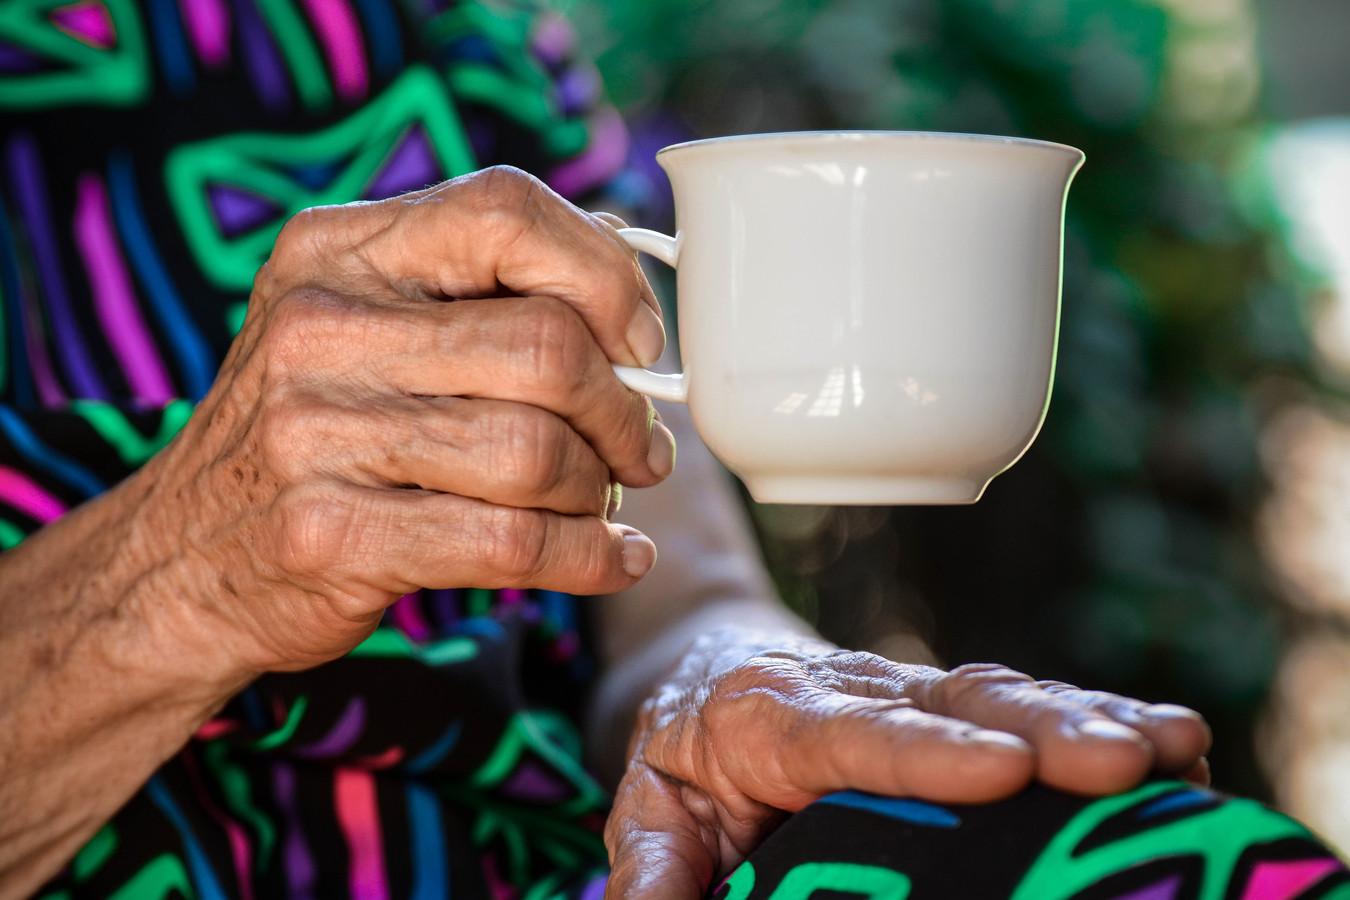 Gezond eten en drinken kan helpen om gezond oud te worden.